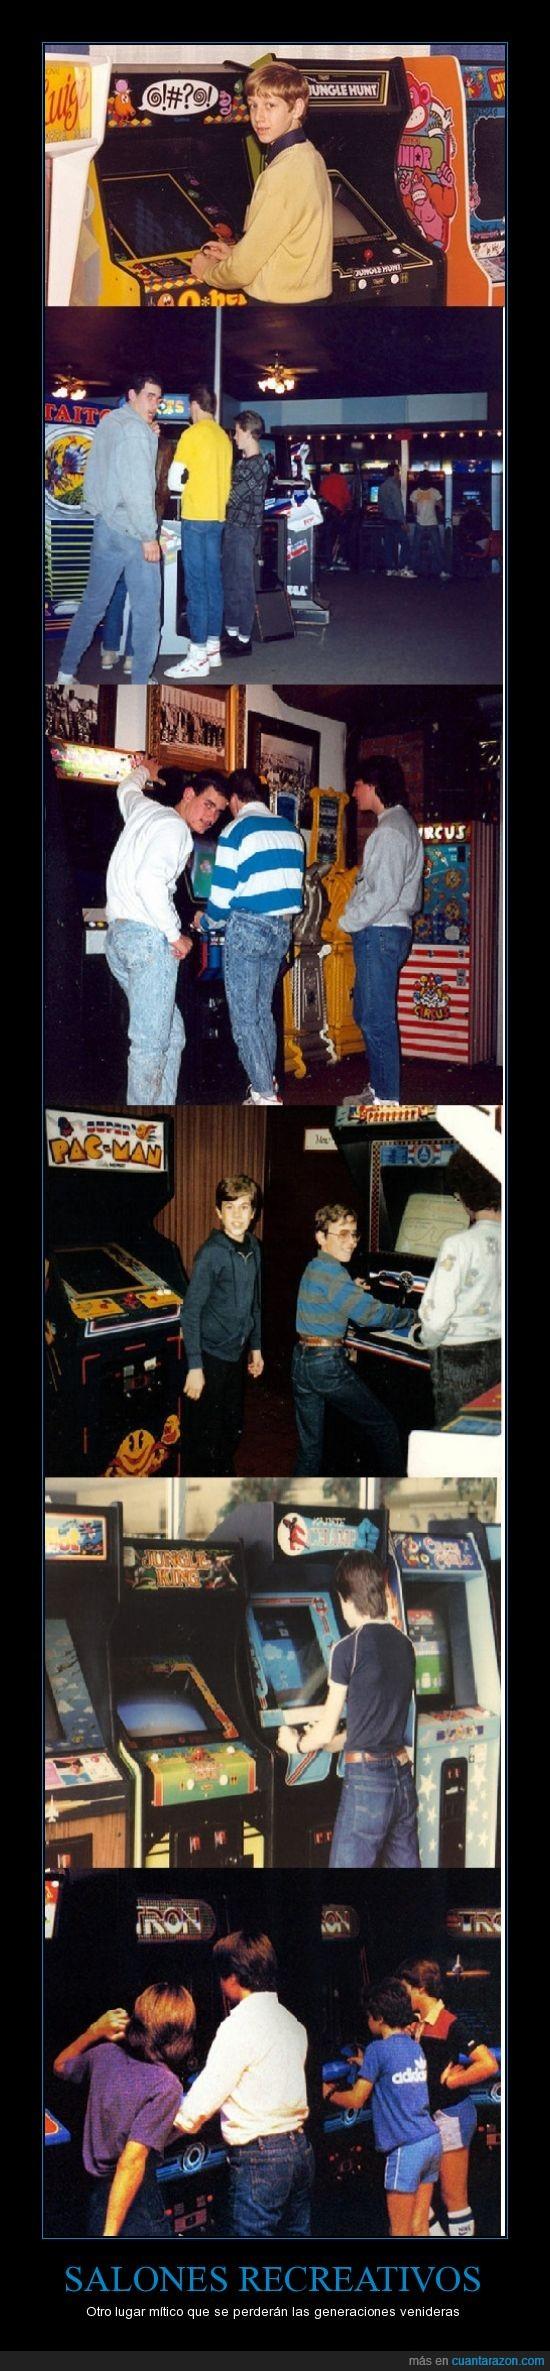 arcade,infacia,infancia,maquinas recreativas,recuerdos,salones recreativos,videojuegos